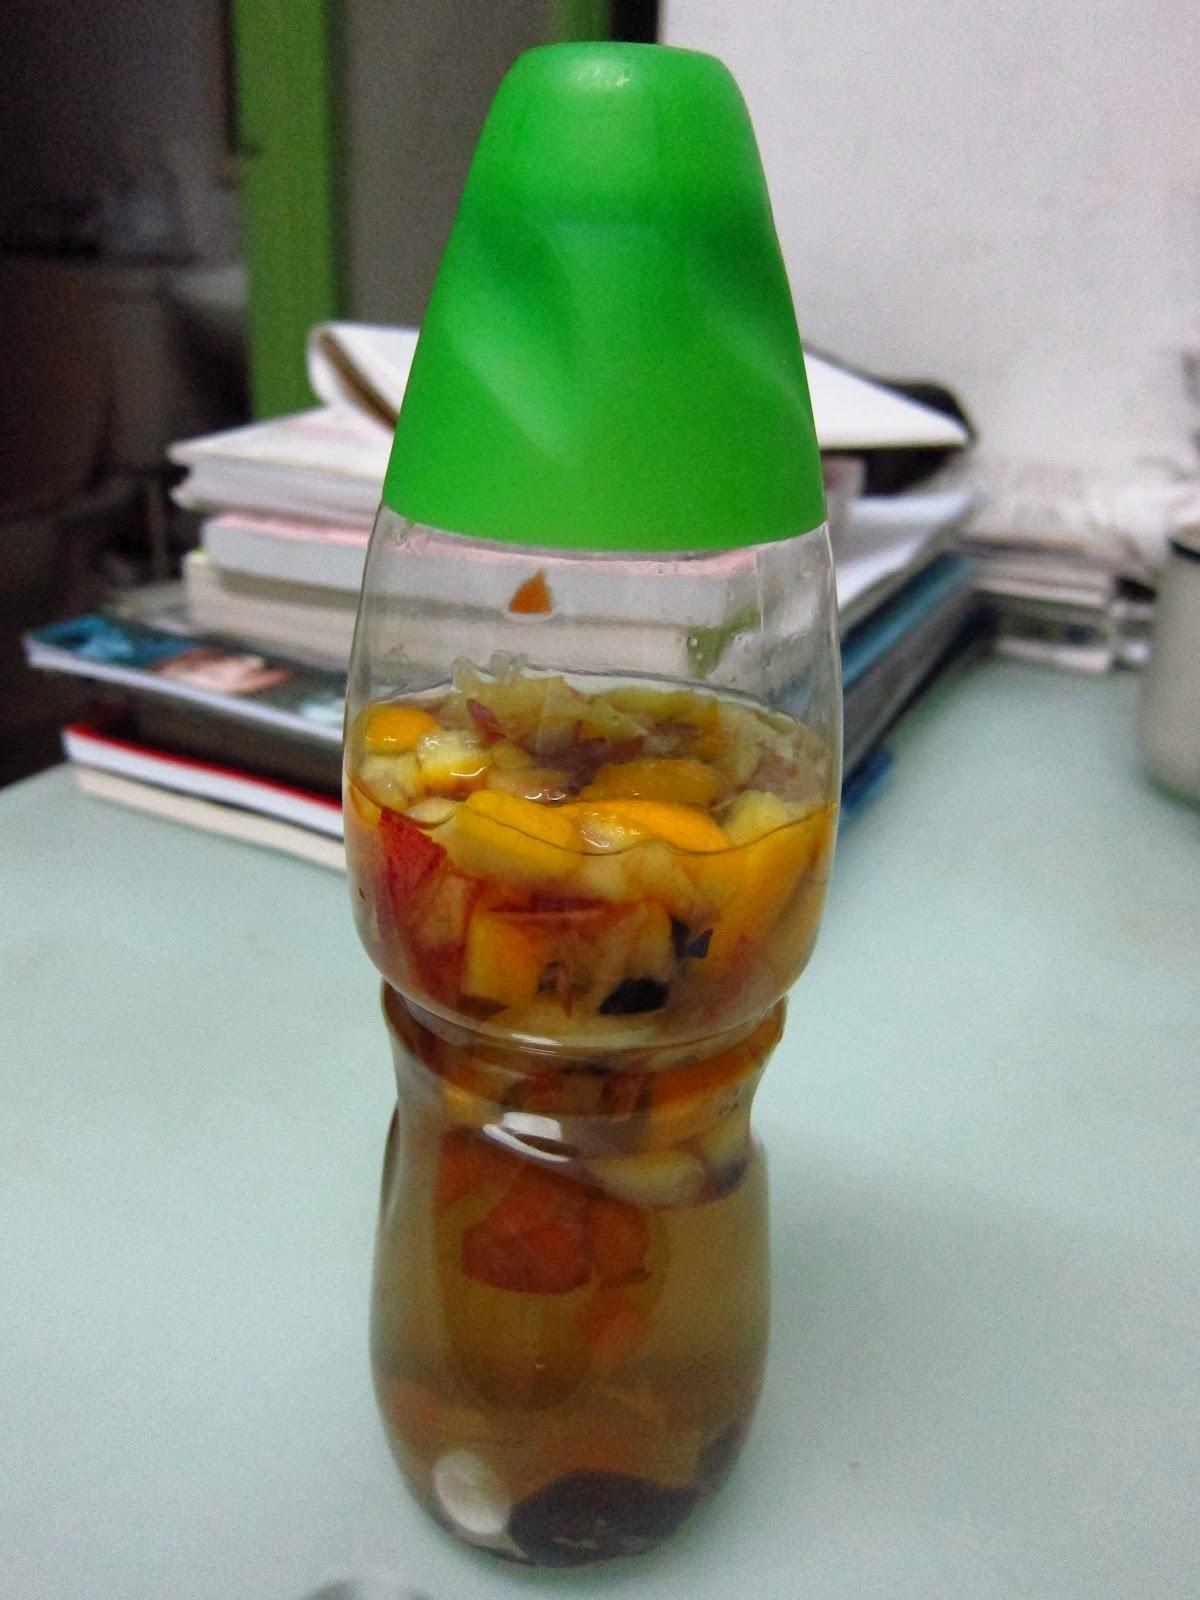 幾年前,聽說在家也可以用廚餘自製「環保酵素 ...